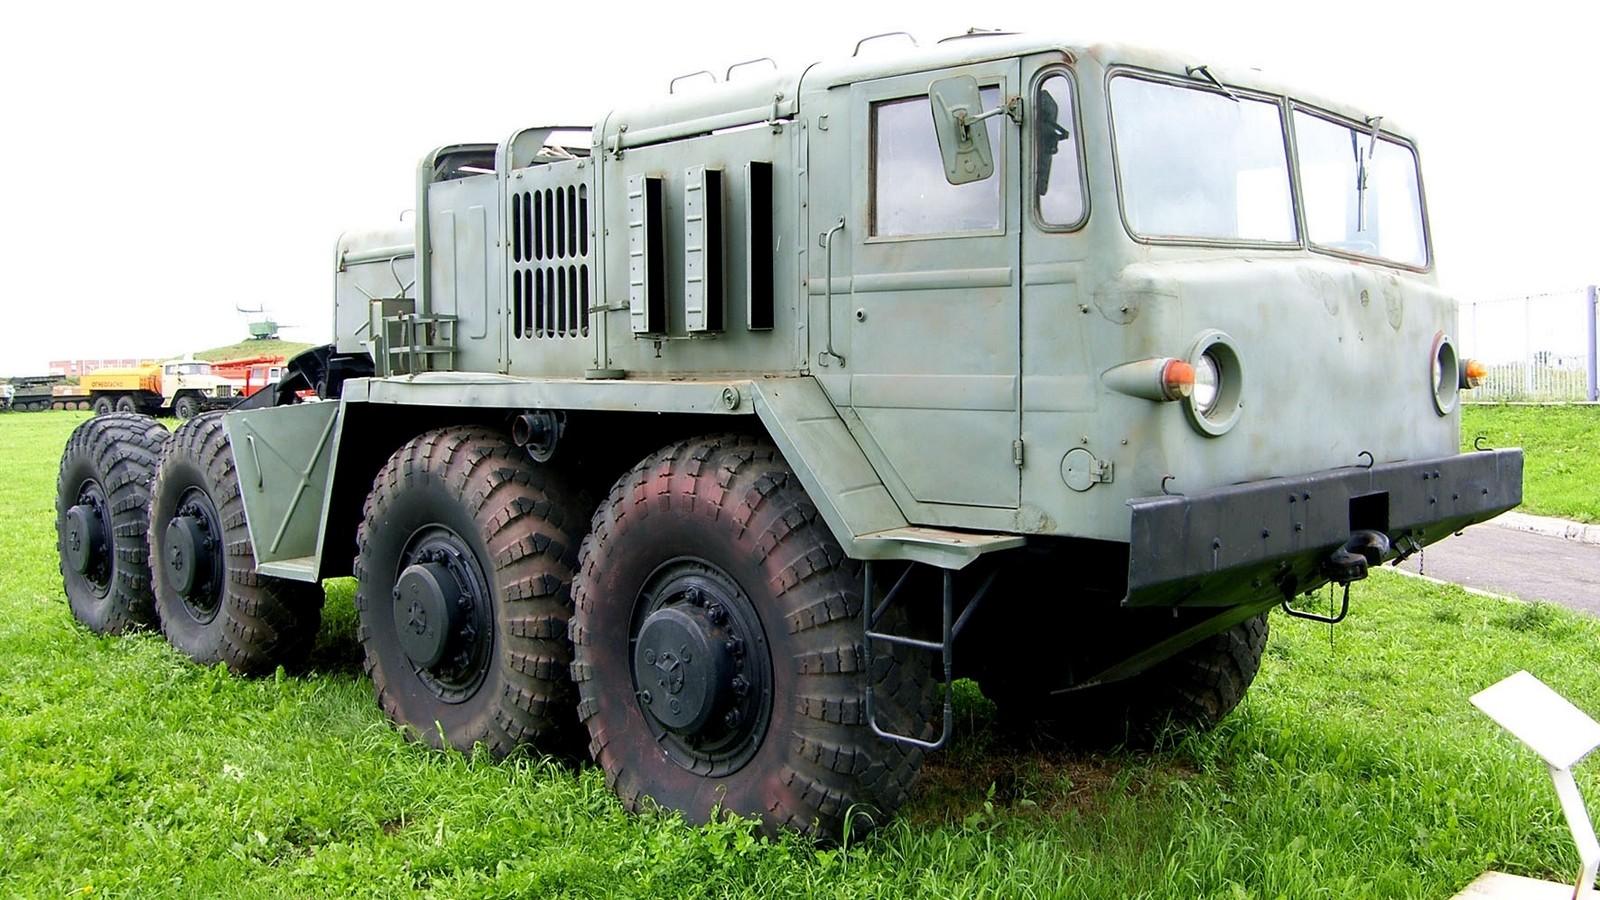 МАЗ-537Г четвертого поколения в Техническом музее в Тольятти (фото К. Дунаева)